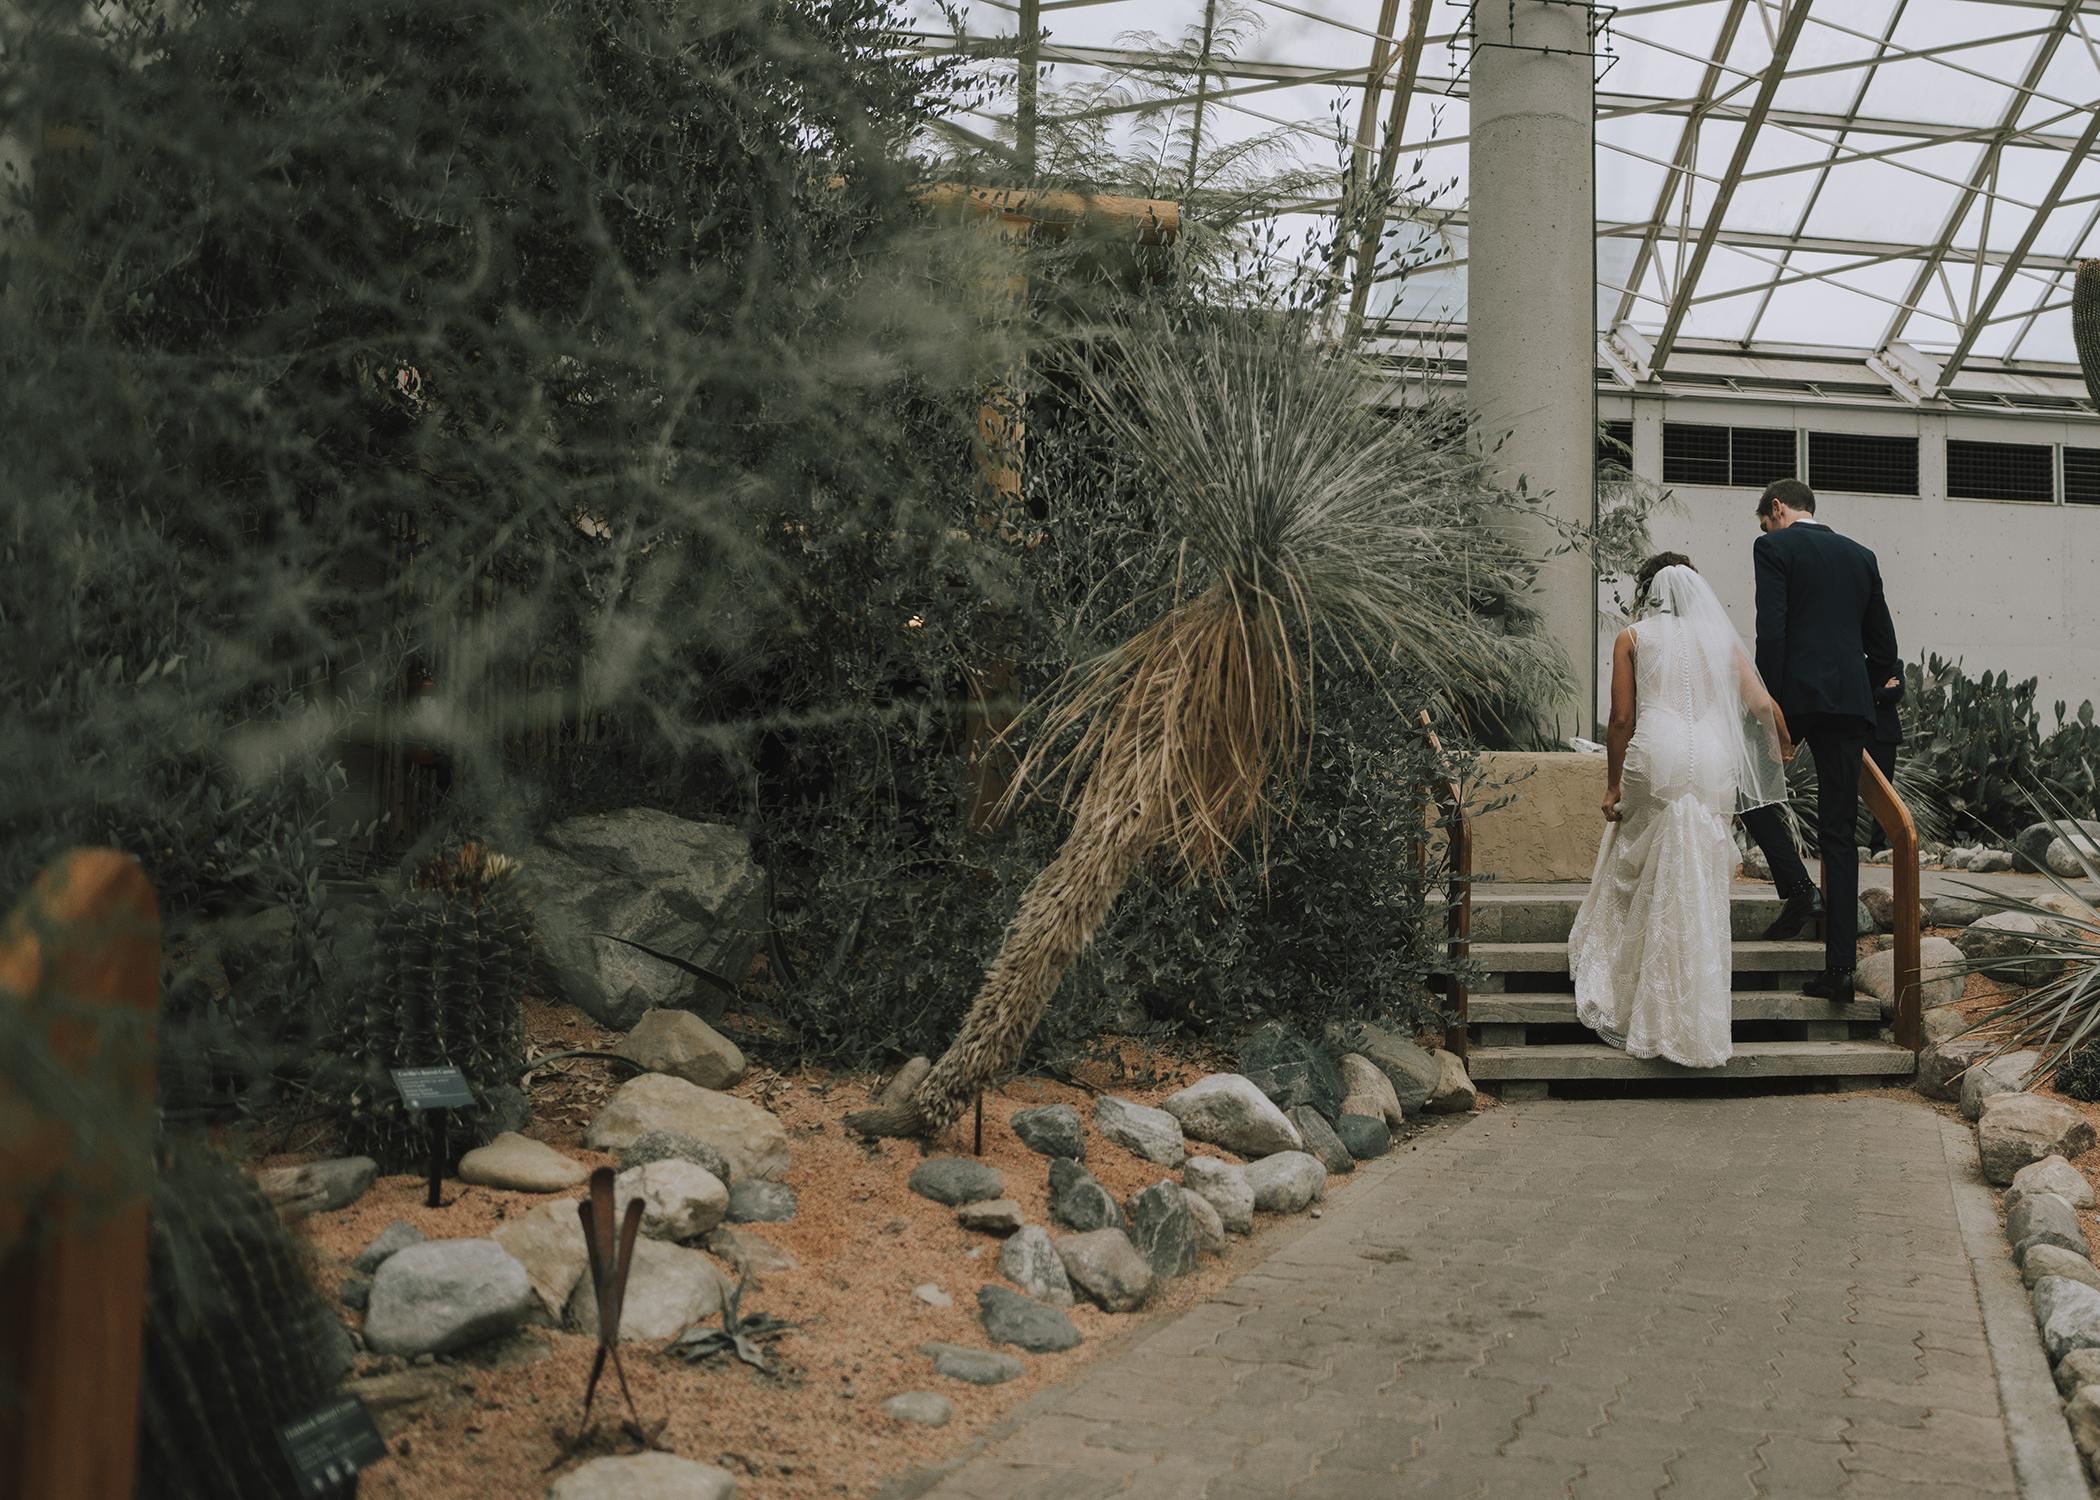 Foellinger-Freimann Botanical Conservatory indianapolis indiana hannah bergman Photography